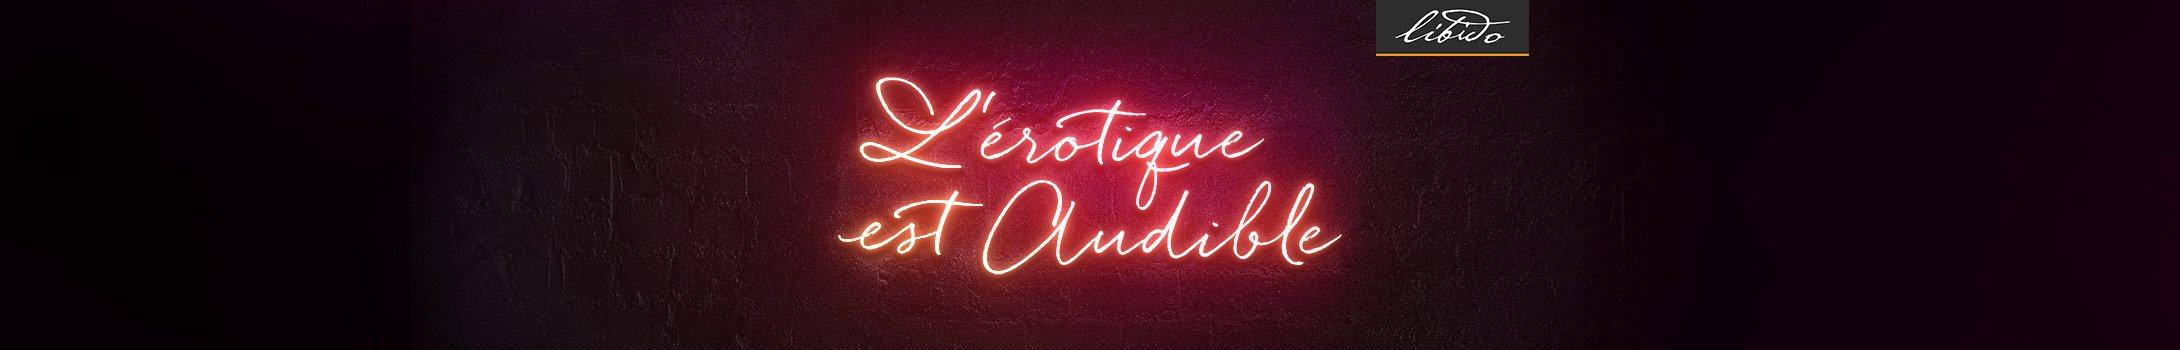 L'érotique est Audible : découvrez la nouvelle collection audio érotique Libido.